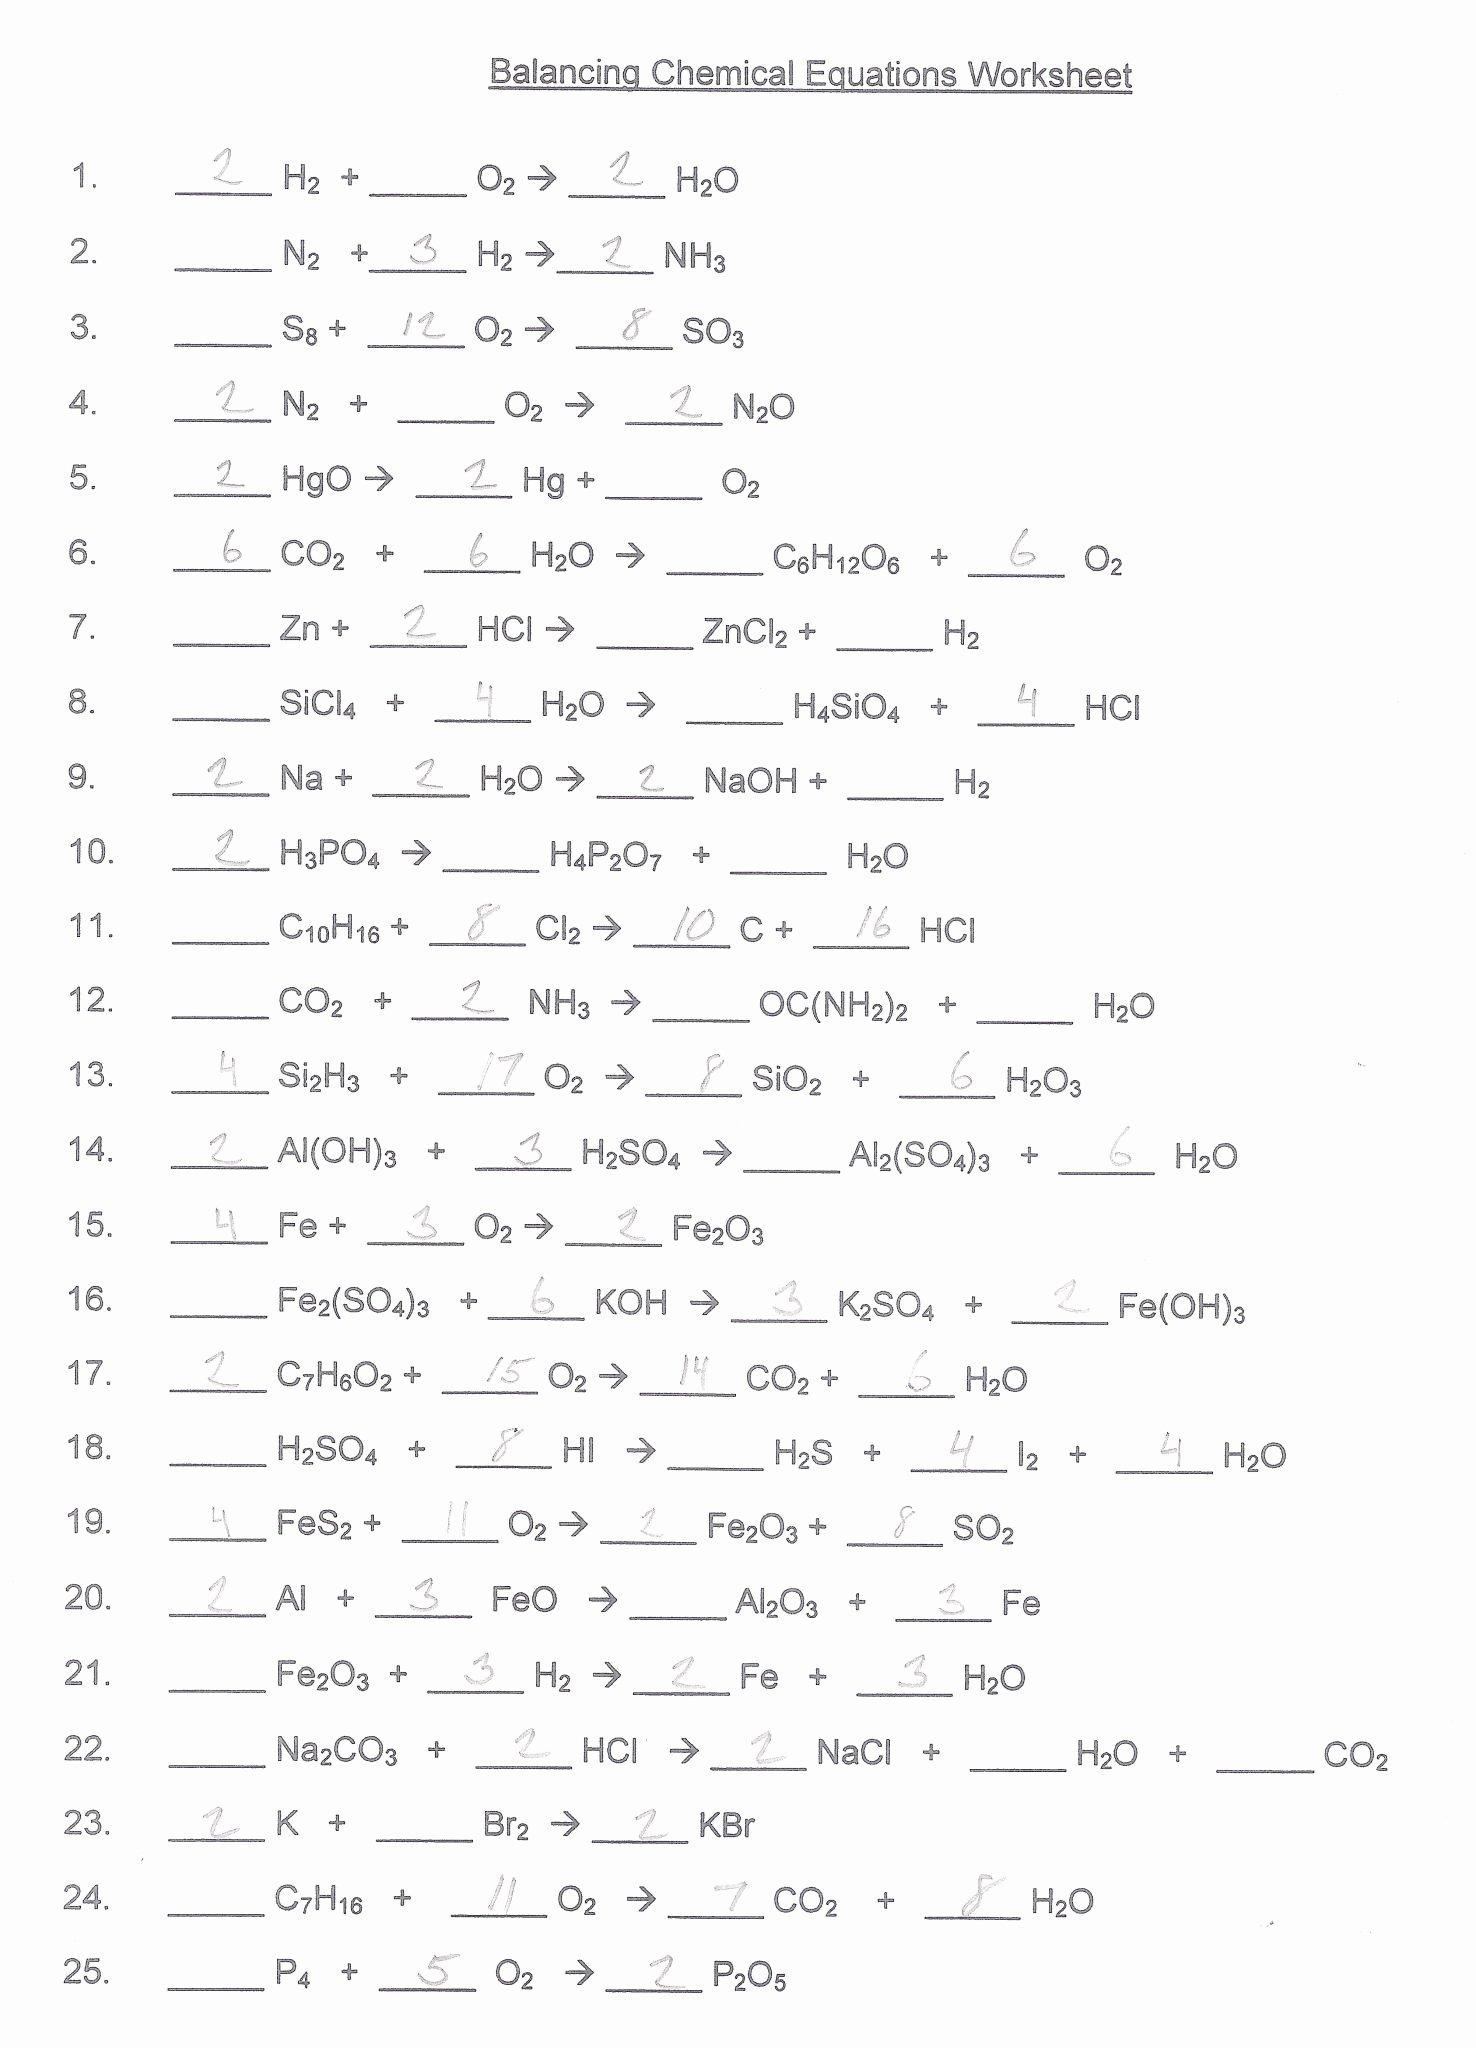 Compound Interest Worksheet Answers Beautiful Simple and Pound Interest Practice Worksheet Answer Key